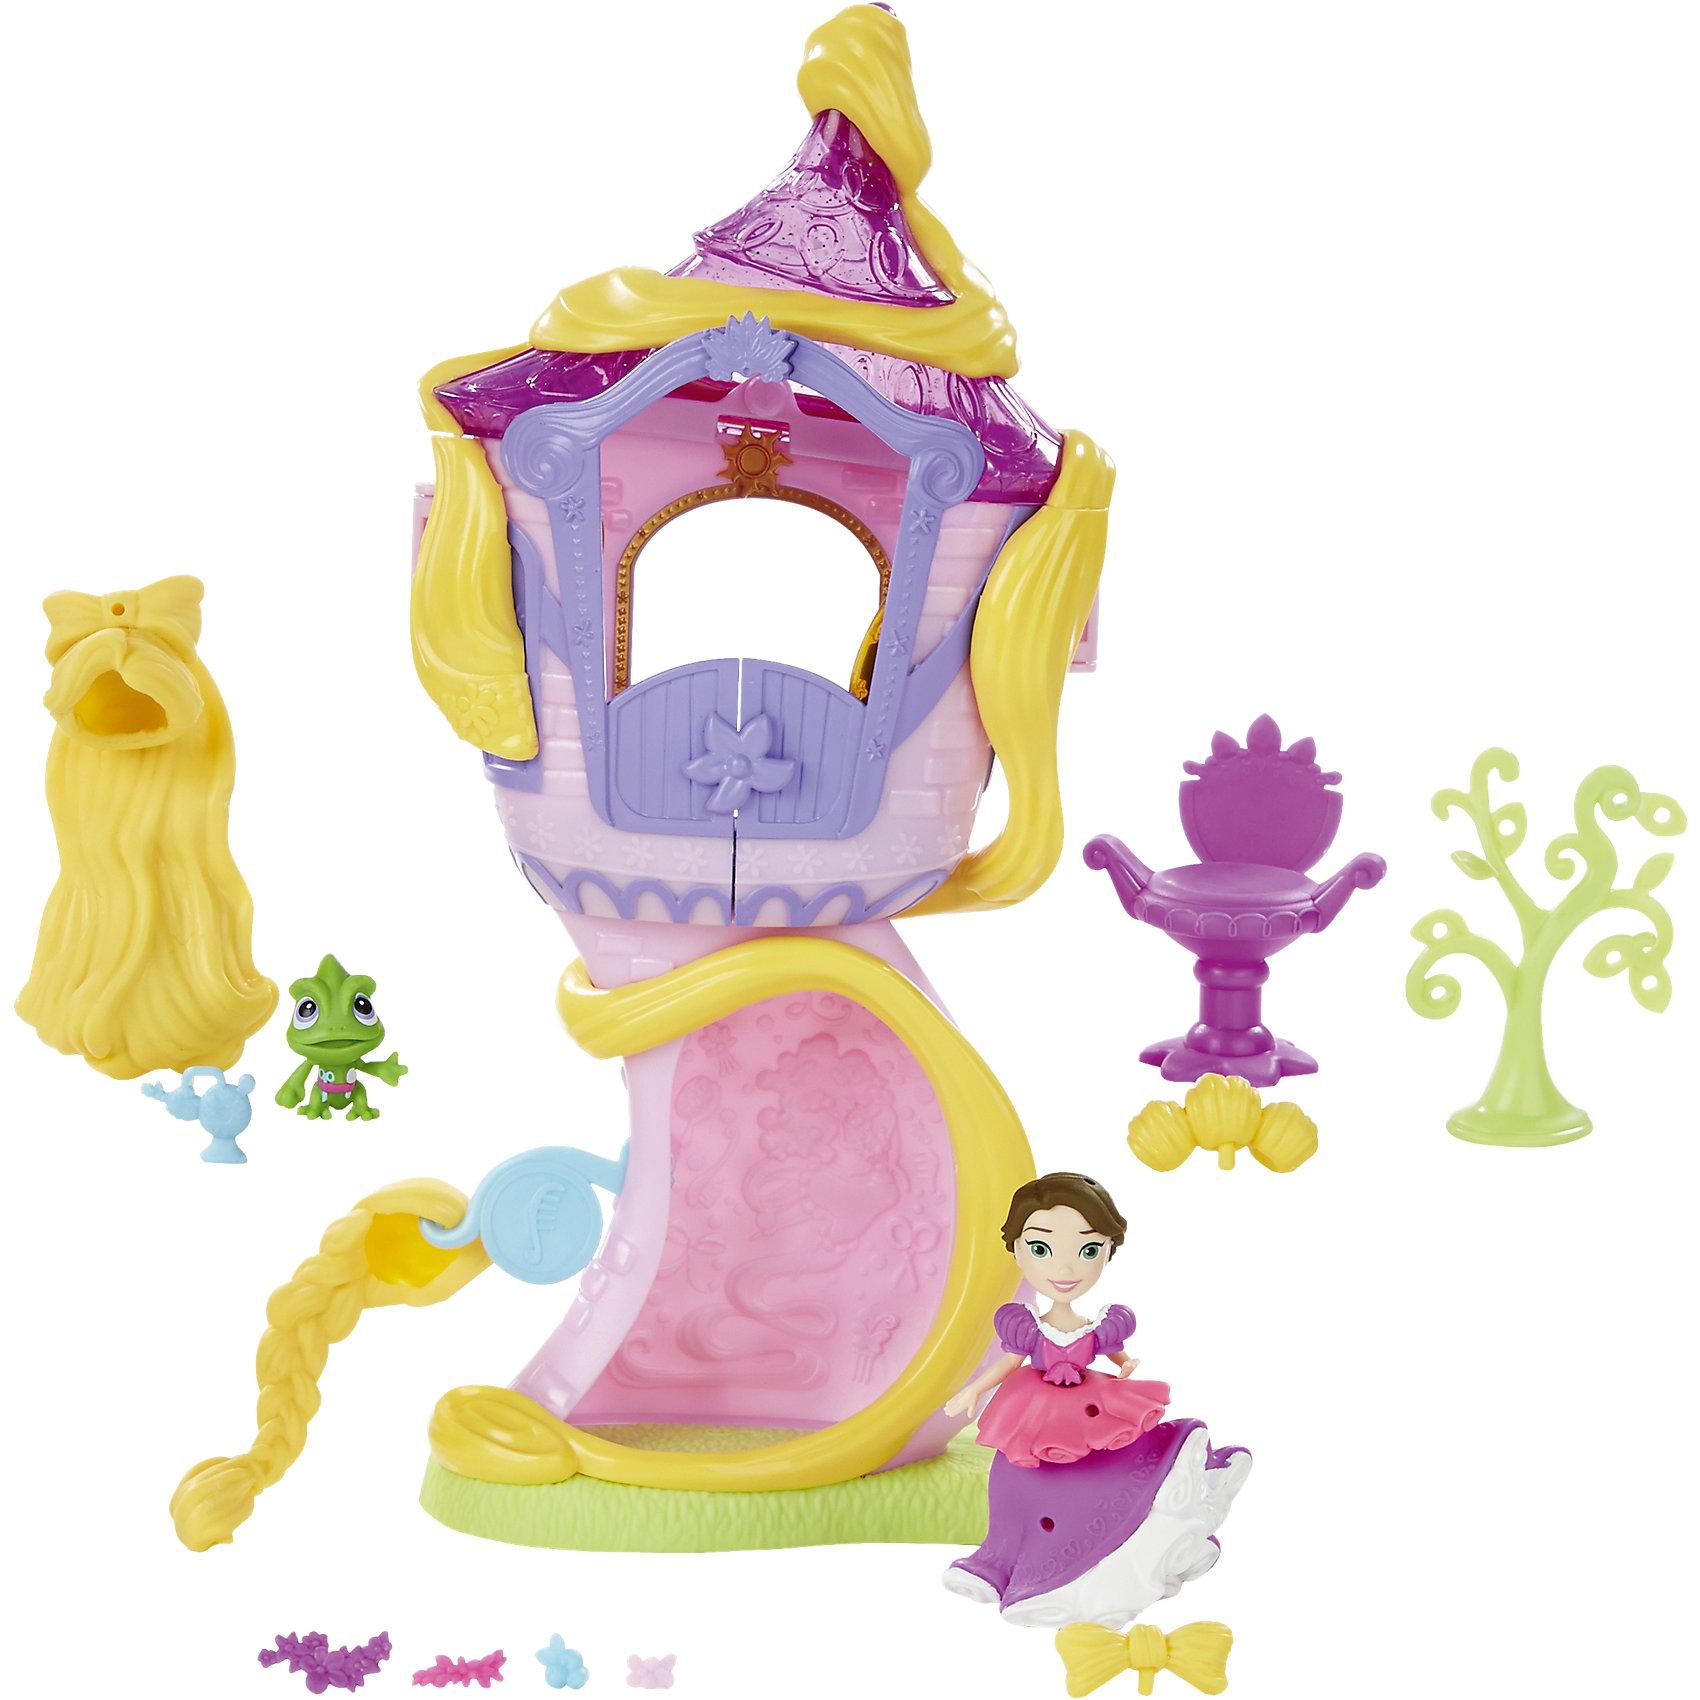 Набор Башня Рапунцель, Disney PrincessИгрушки<br>Девочки обожают принцесс и сказки. Кукла Рапунцель  с длинными пластиковыми волосами приведет в восторг любую девочку! В дополнение к ней в набор включен волшебная башня, а также аксессуары для украшения куклы и парик для смены прически, как в мультфильме.<br>Этот набор обязательно порадует ребенка! Он станет отличным подарком и поможет девочке развивать свою фантазию и мелкую моторику. Кукла и башня сделаны из качественных и безопасных для ребенка материалов.<br><br>Дополнительная информация:<br><br>цвет: разноцветный;<br>комплектация: кукла, башня, аксессуары;<br>материал: пластик.<br><br>Набор Башня Рапунцель, Disney Princess можно купить в нашем магазине.<br><br>Ширина мм: 307<br>Глубина мм: 258<br>Высота мм: 78<br>Вес г: 607<br>Возраст от месяцев: 36<br>Возраст до месяцев: 72<br>Пол: Женский<br>Возраст: Детский<br>SKU: 4351514